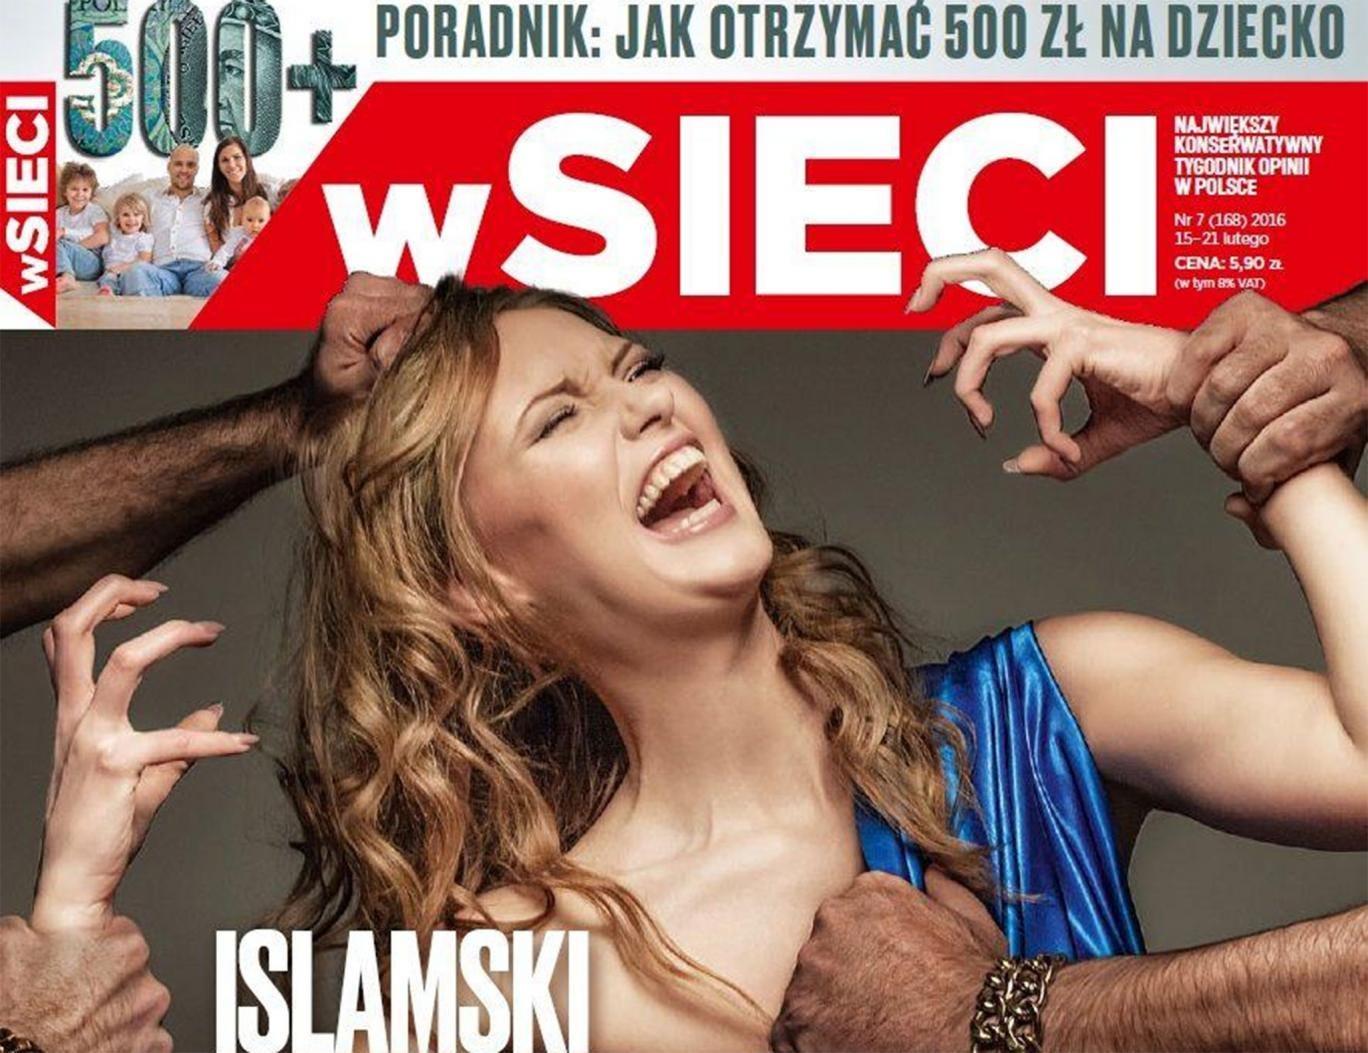 Particolare della copertina (www.independent.co.uk)